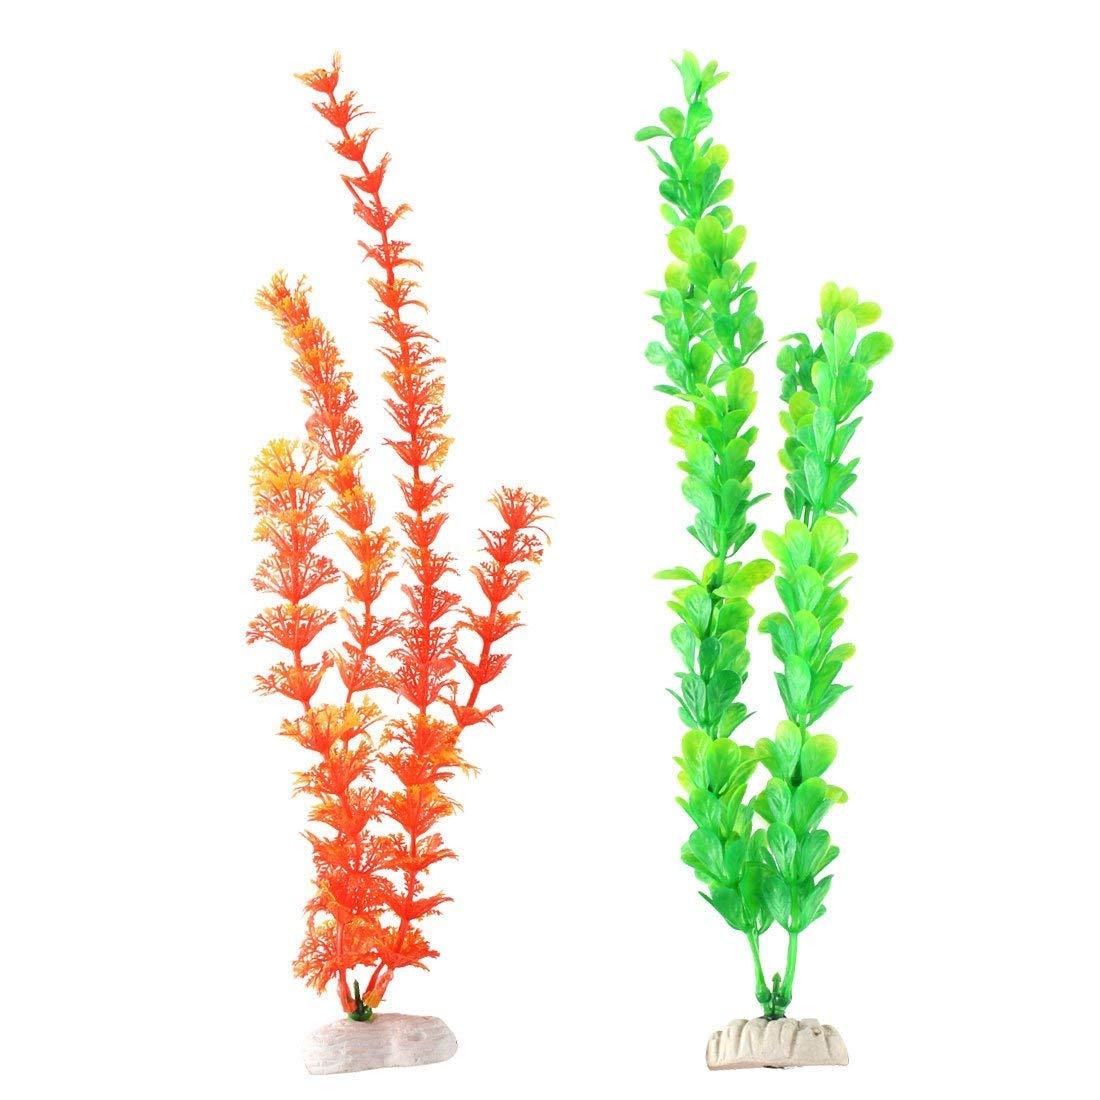 2Pcs 11.8  Height Plastic Emulational Ornament Plants for Aquarium